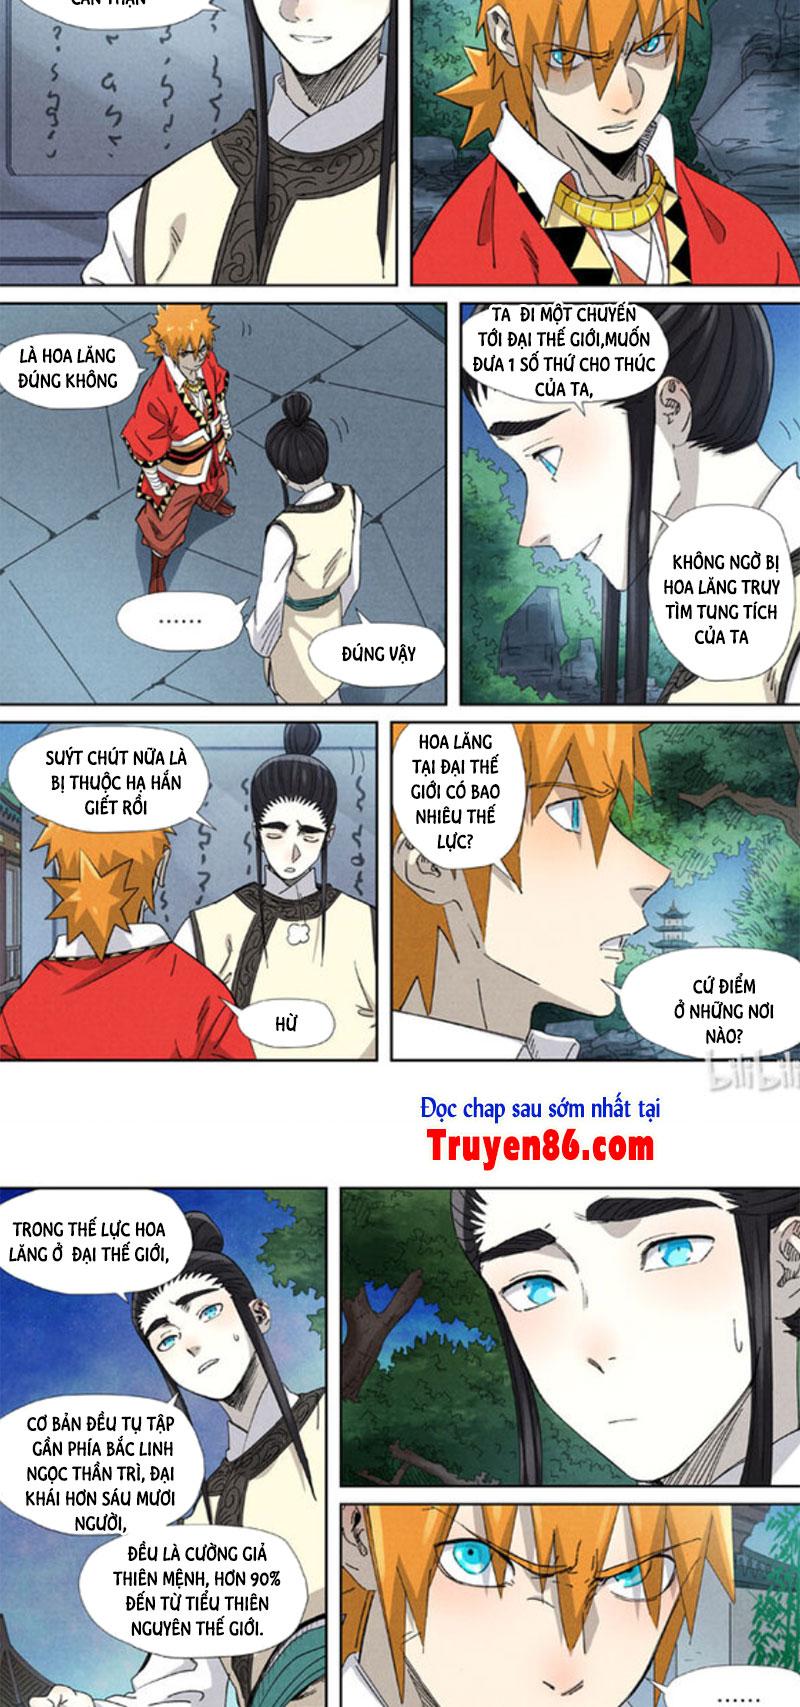 Yêu Thần Ký chapter 347.5 - Trang 5